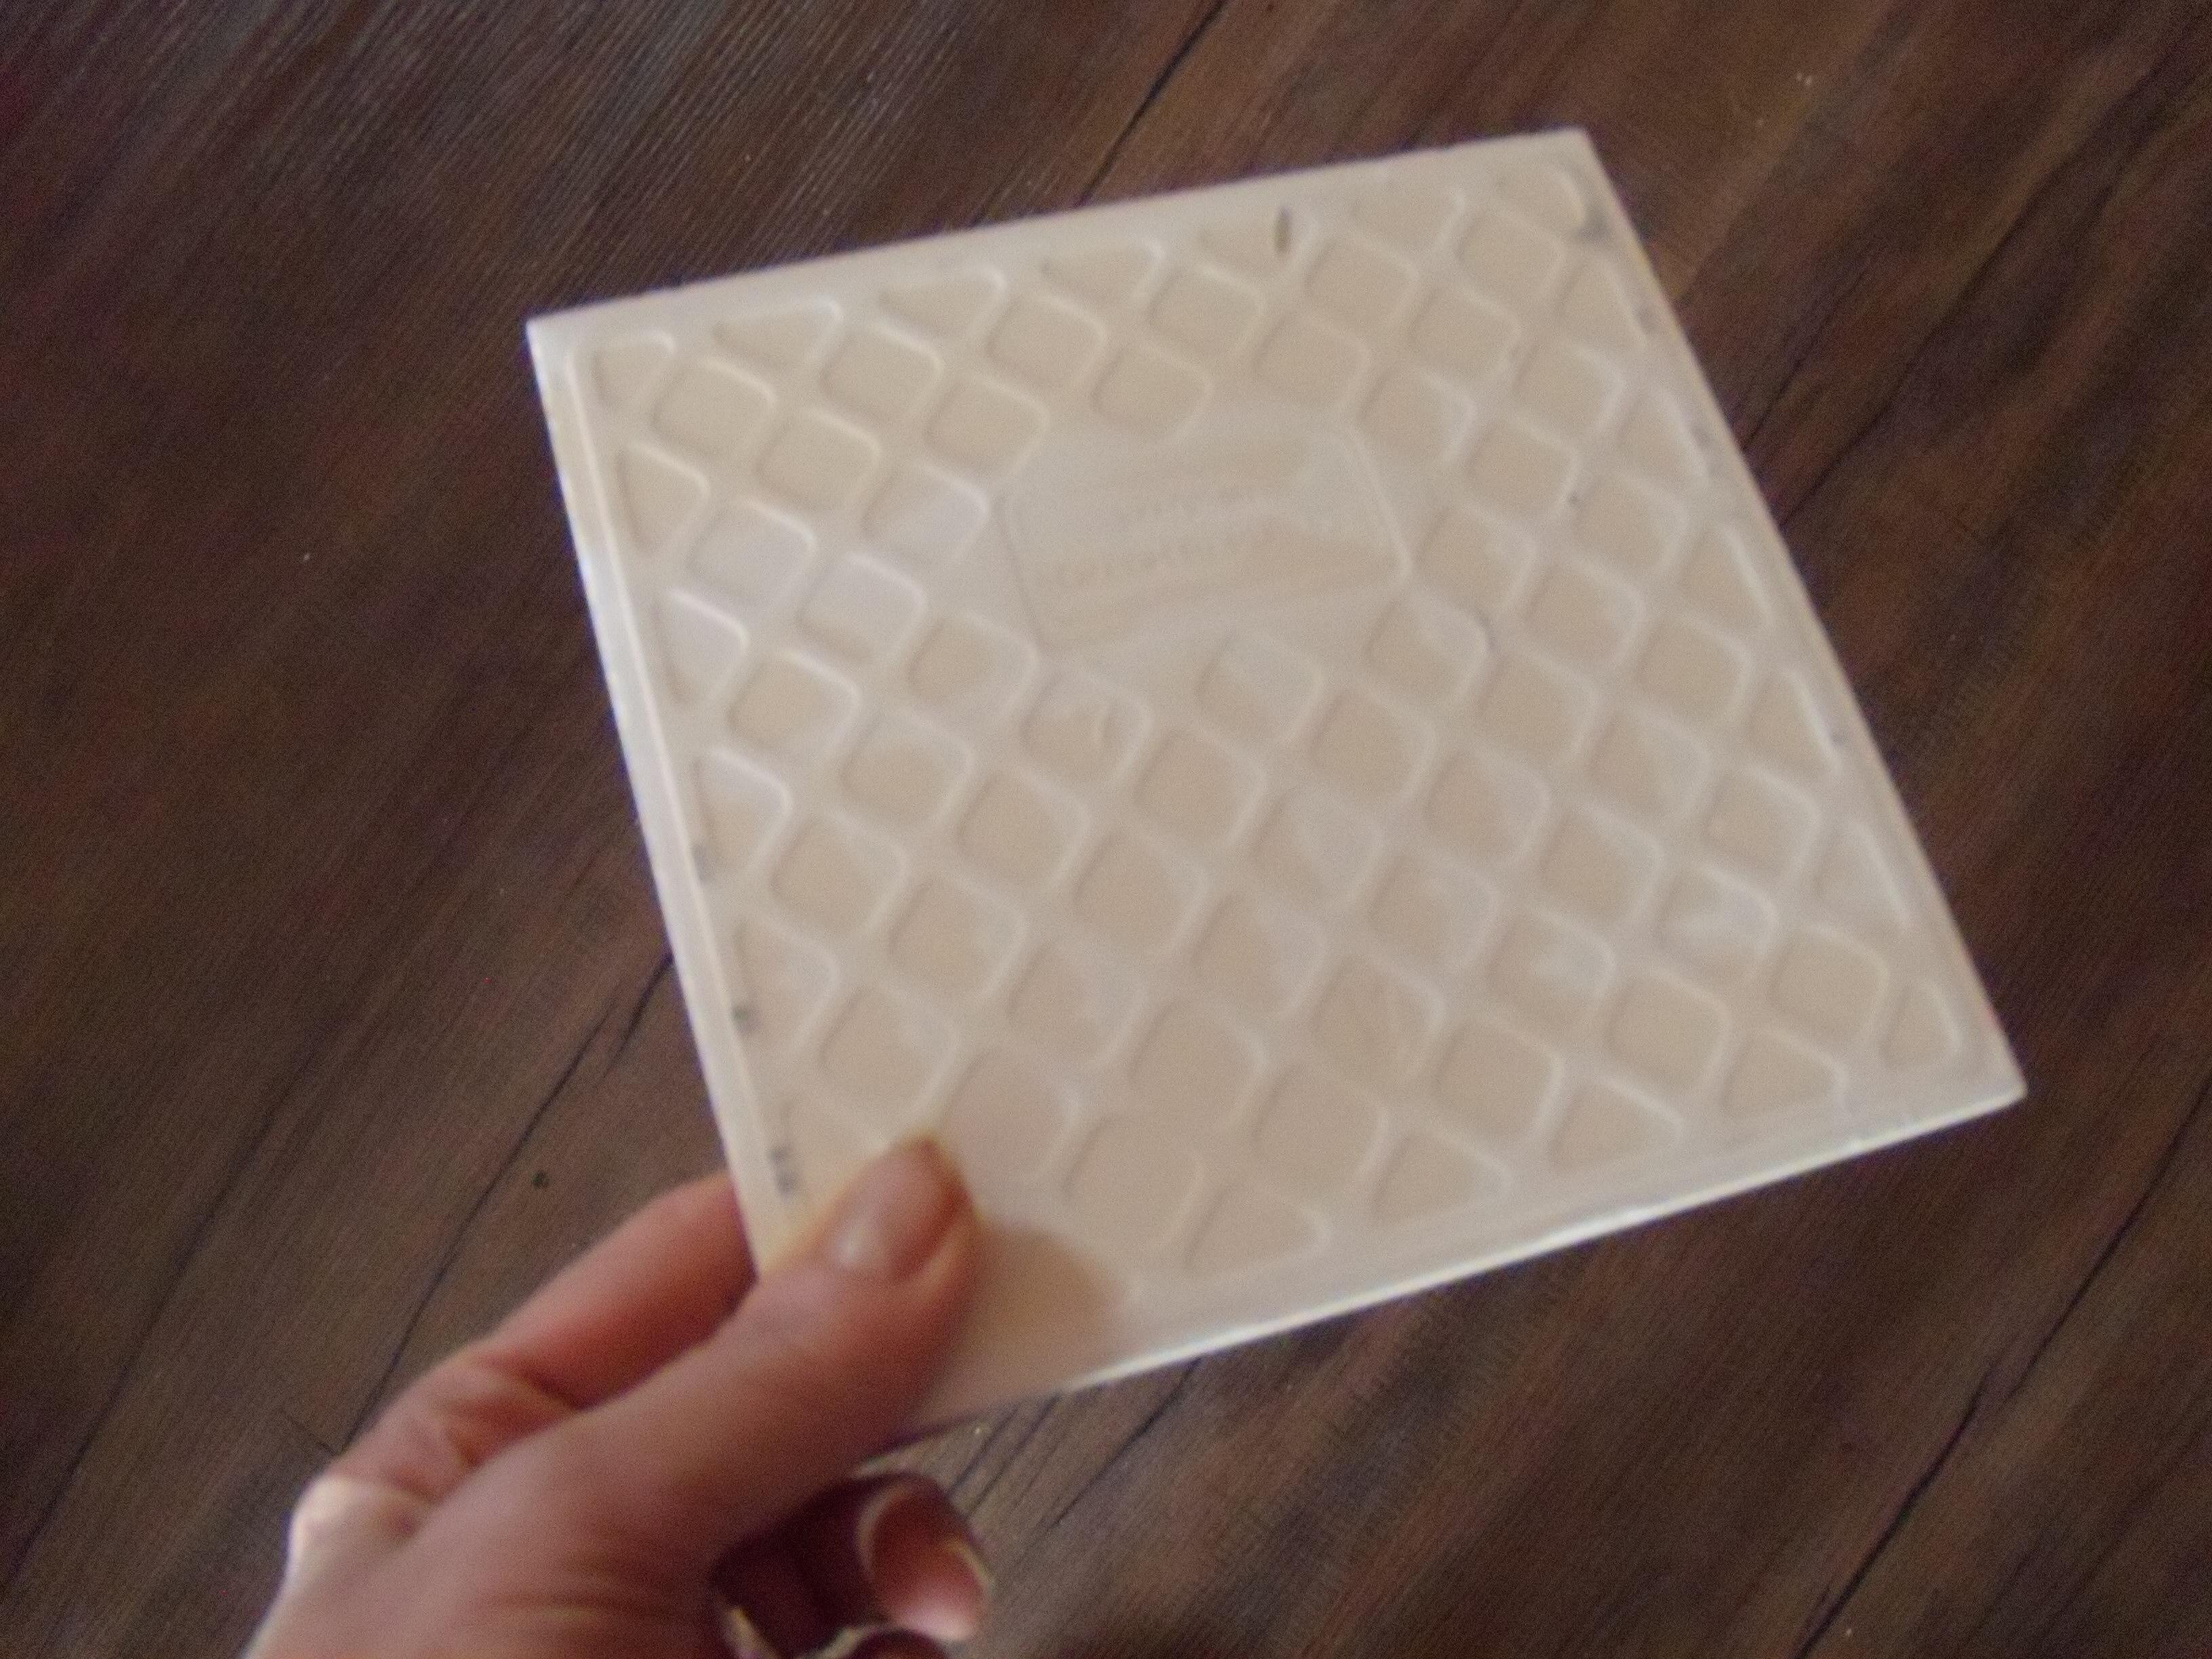 troc de troc carrelage blanc brillant 15x15 cm - 26 carreaux neufs image 1